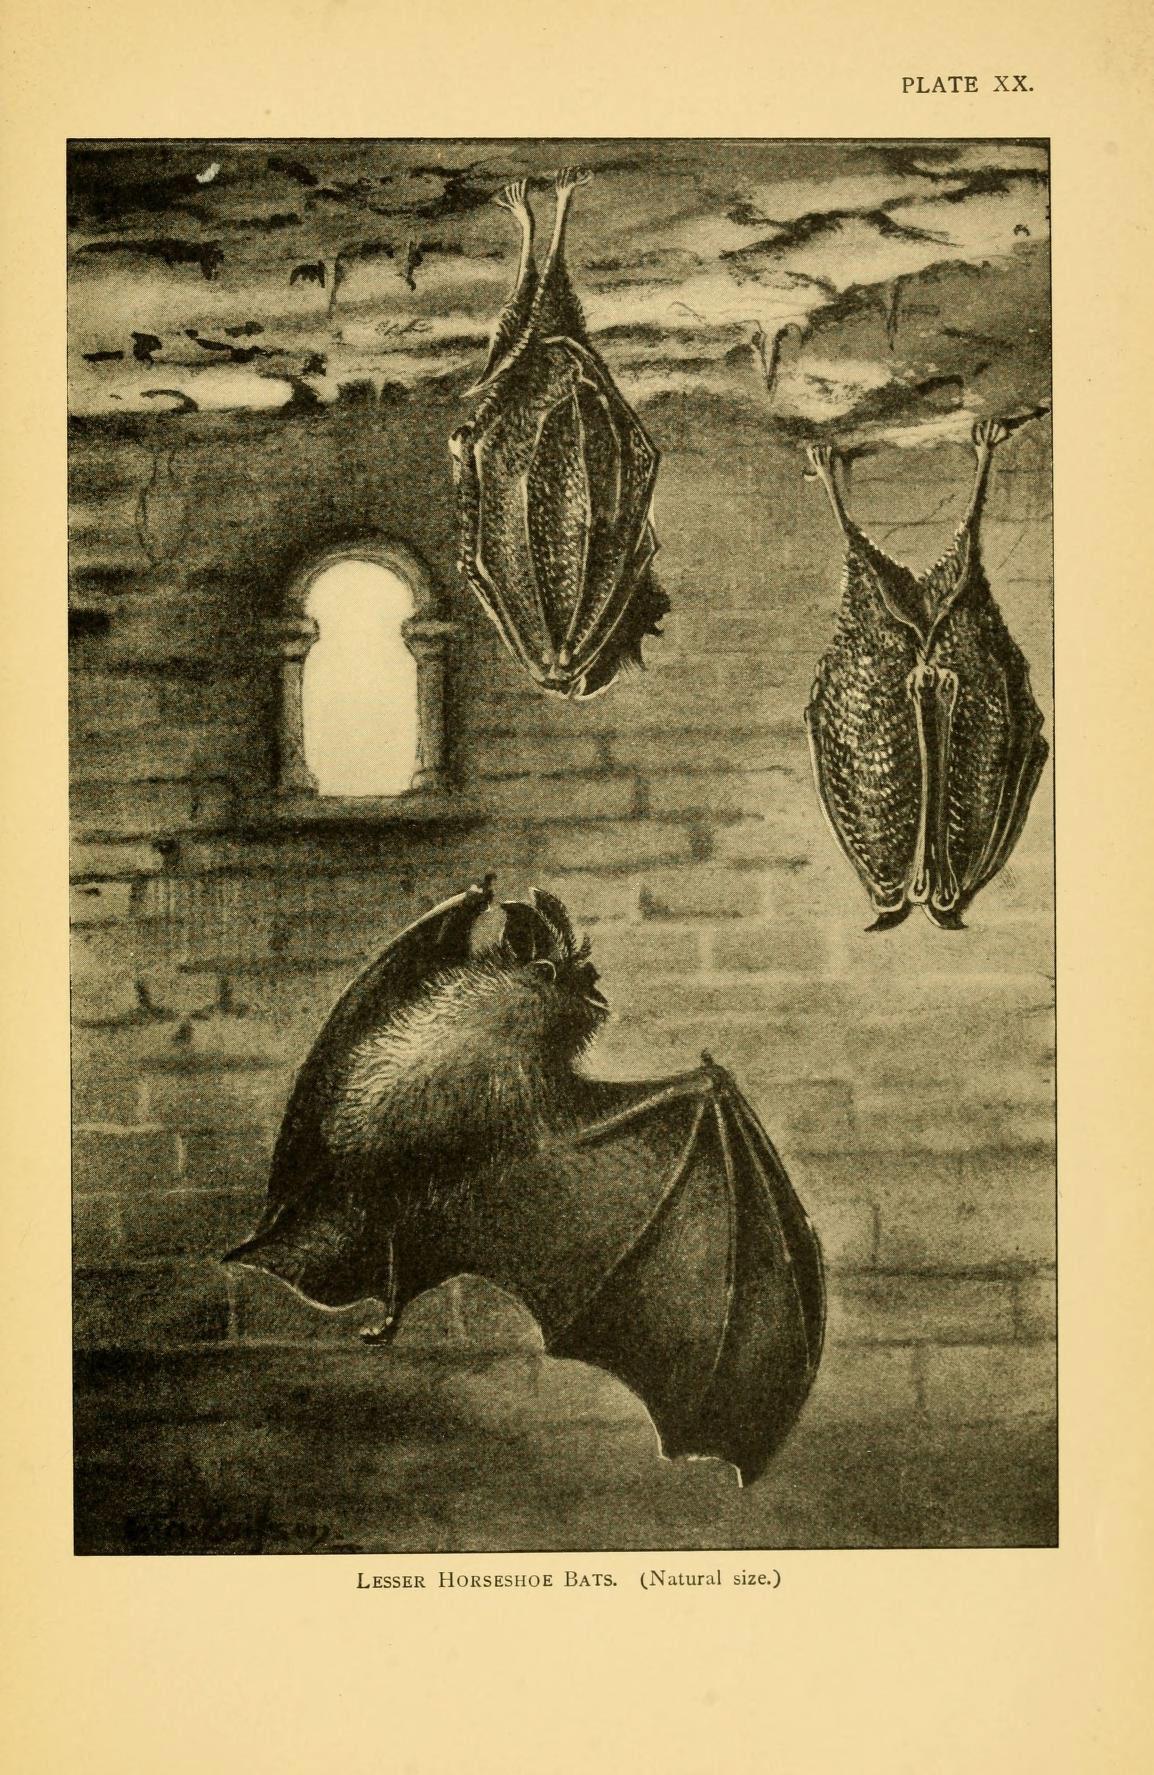 Image of Lesser horseshoe bat